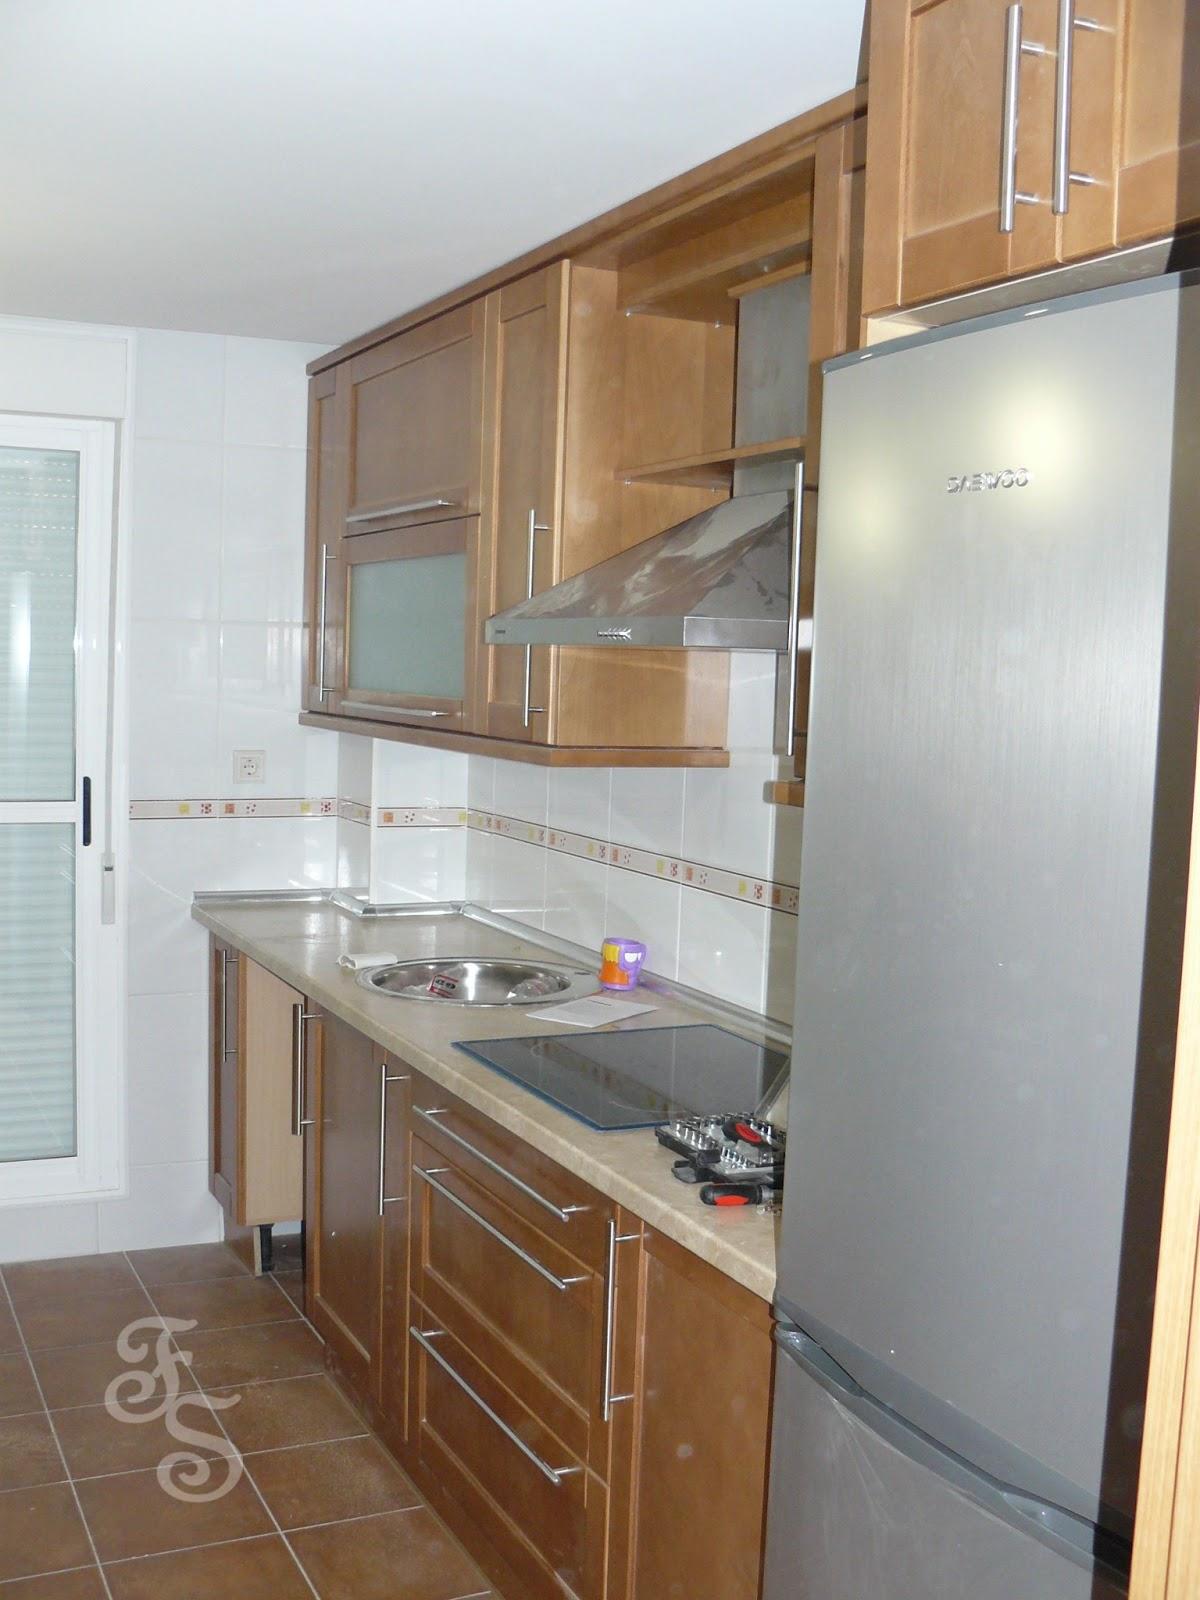 Muebles de cocina con vidrio esmerilado 20170715143126 for Cocinas con muebles